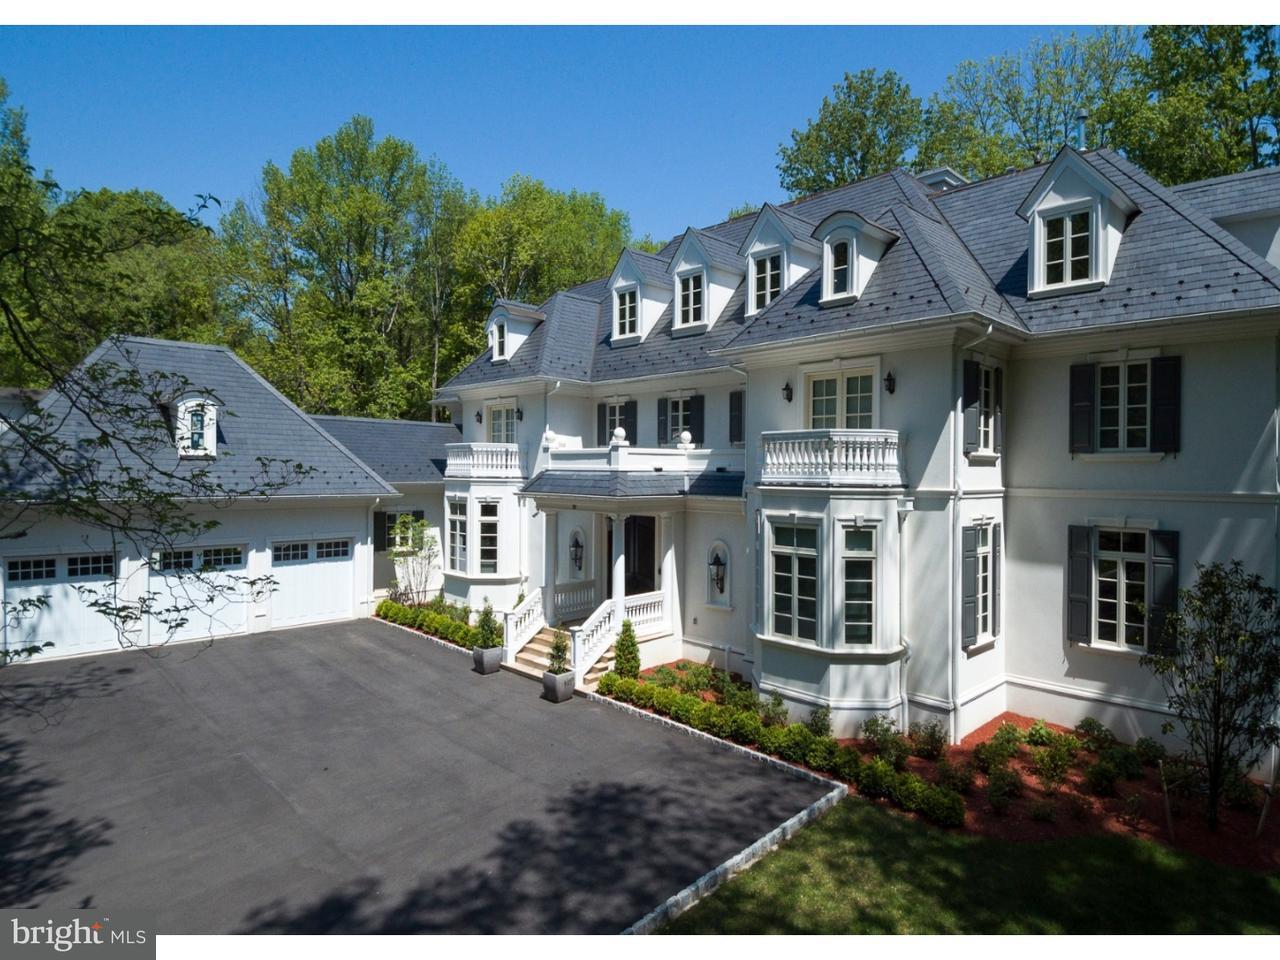 獨棟家庭住宅 為 出售 在 88 STONY BROOK Lane Princeton, 新澤西州 08540 美國在/周邊: Princeton